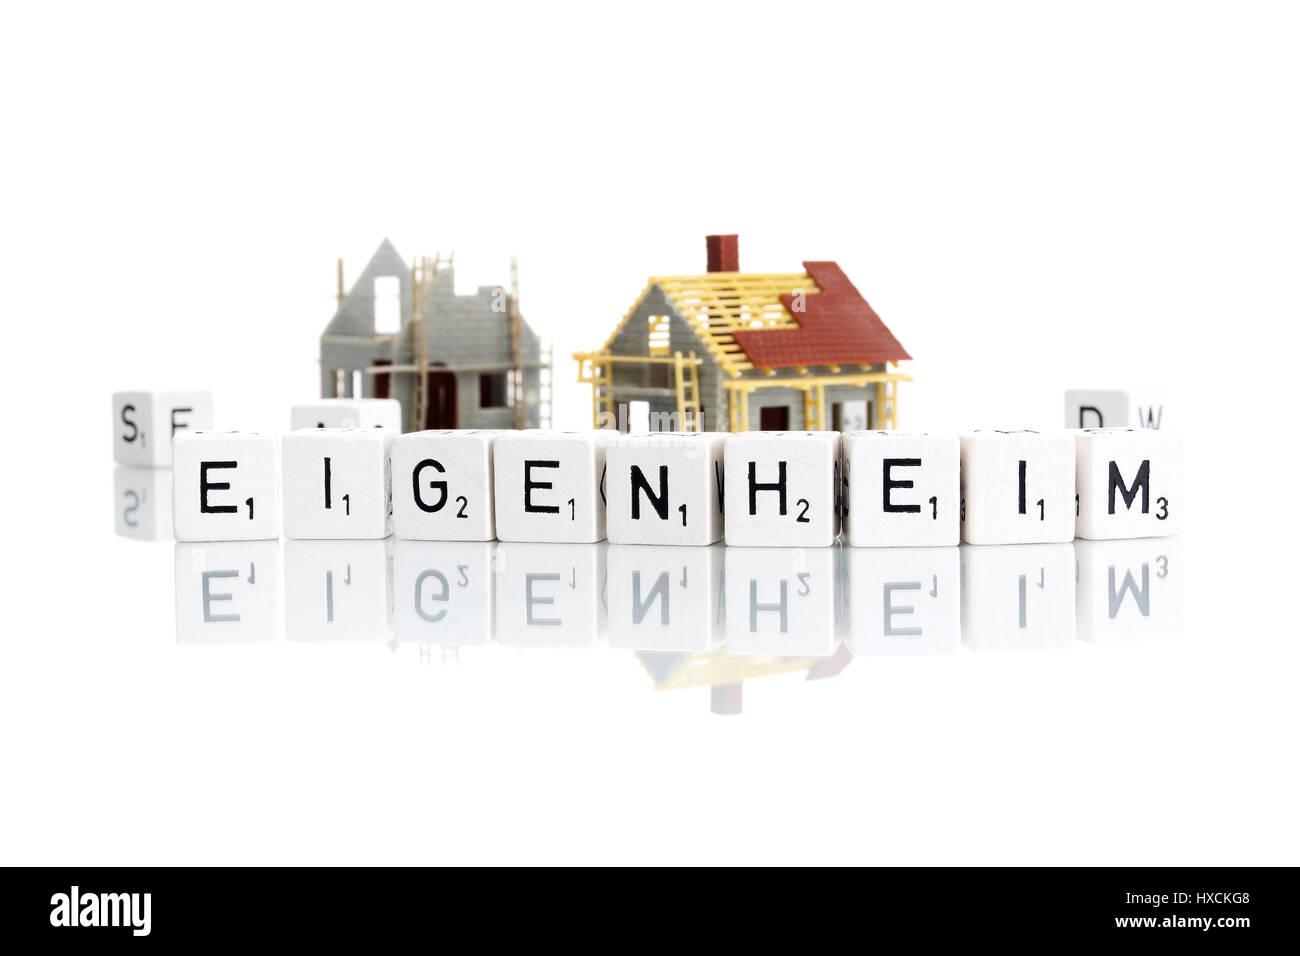 Eigenen vier Wänden, Eigenheim Stockbild